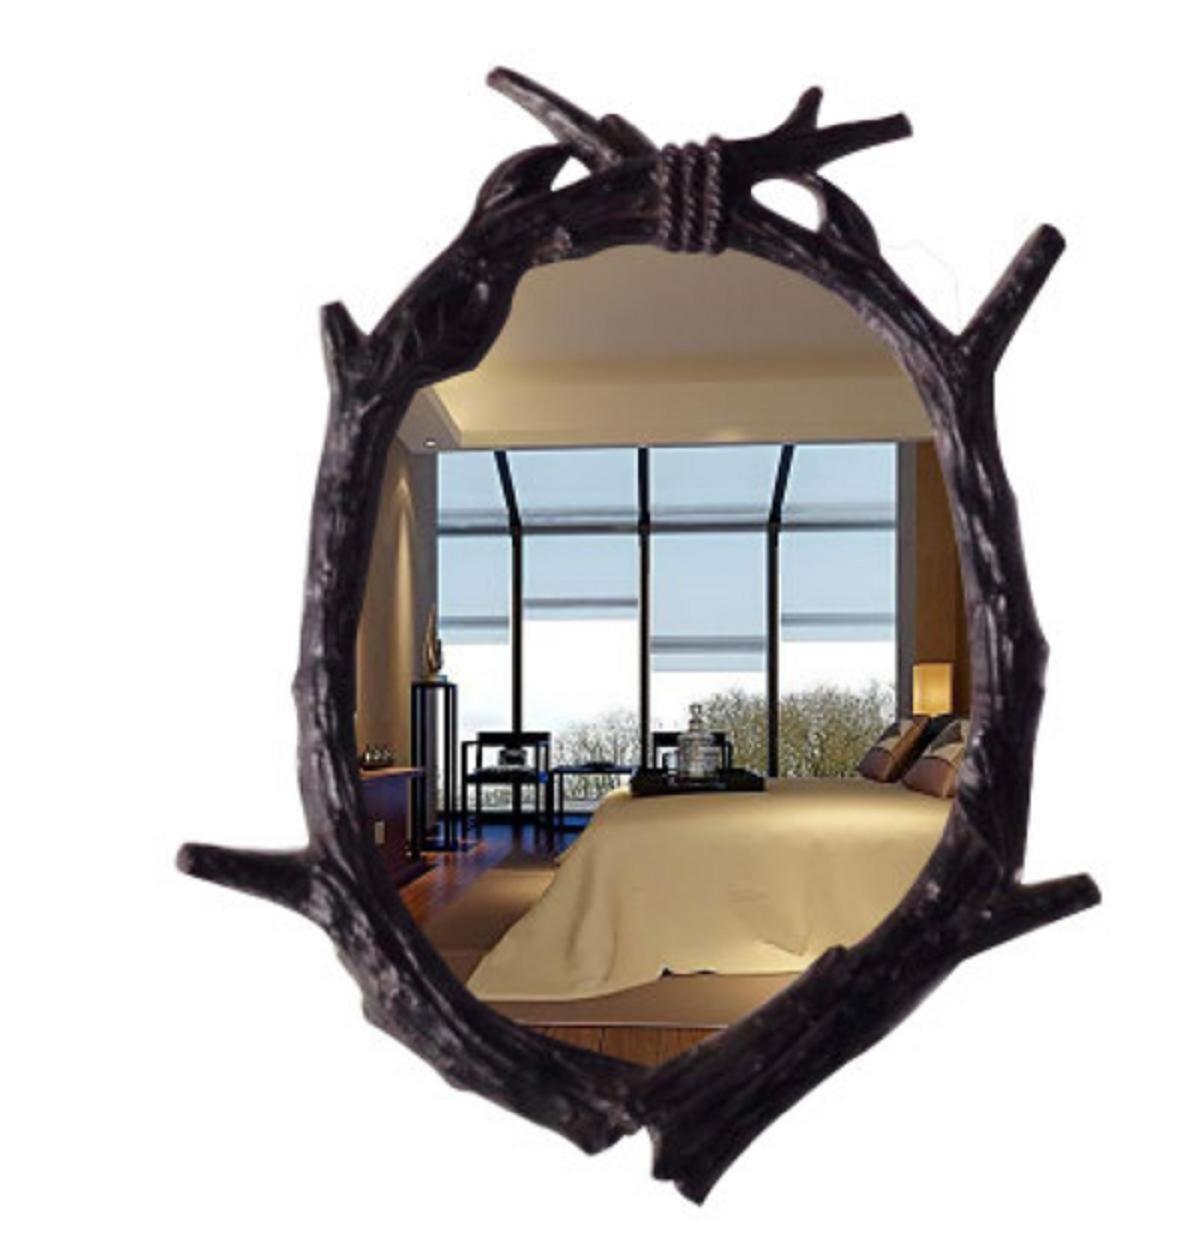 GAOJIAN European-Style Bathroom Mirror Retro Wall Dressing Beauty Decorative Mirror Bathroom Wash Mirror , a